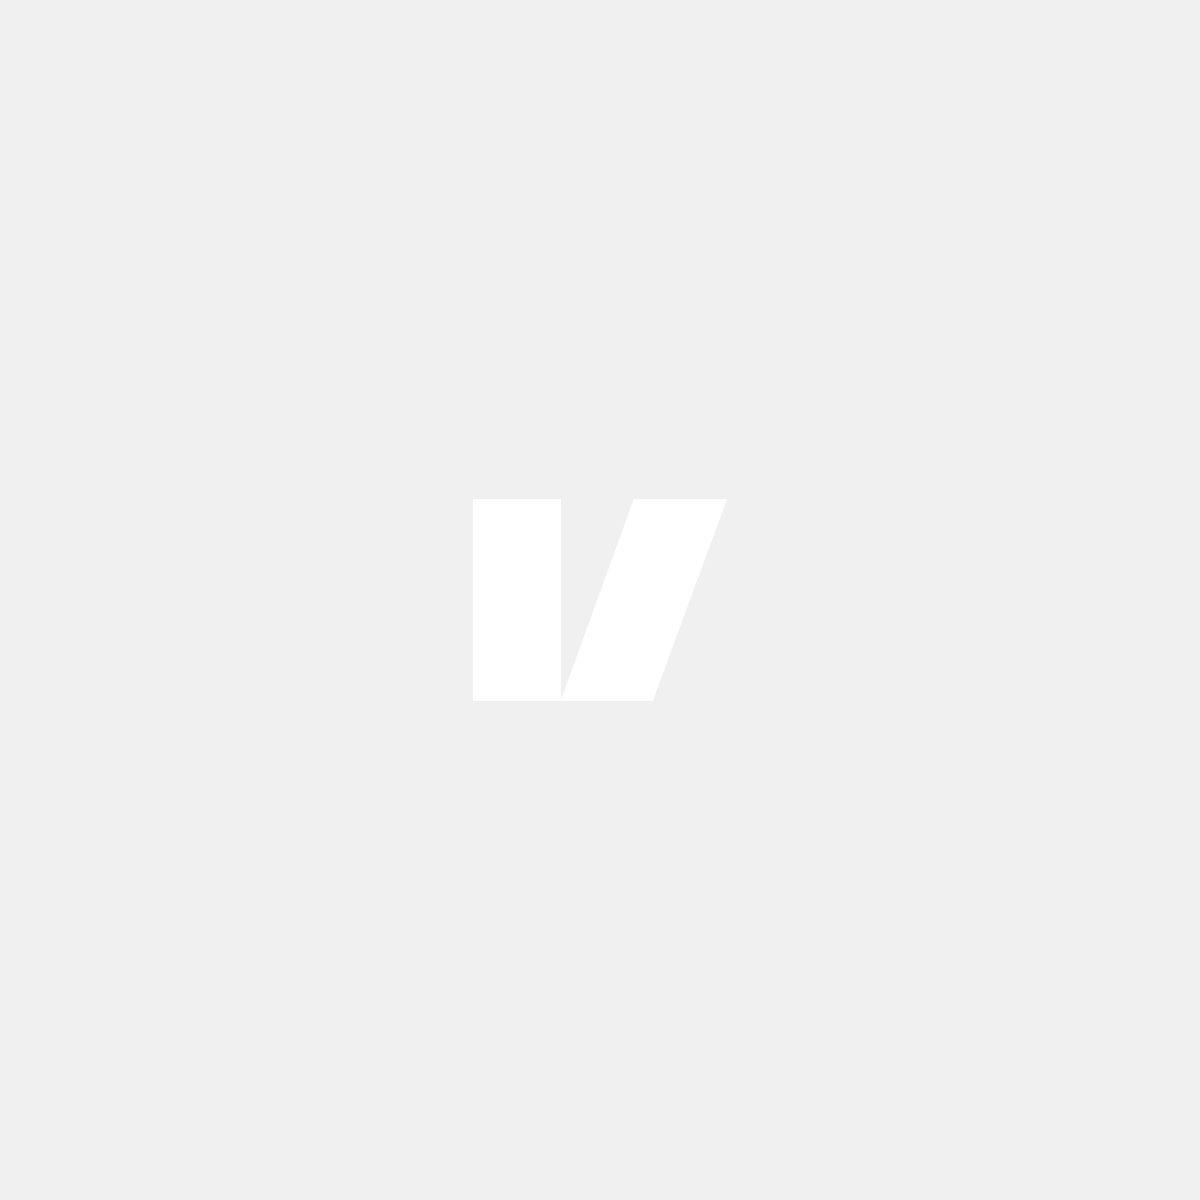 Svarta skärmblinkers till Volvo S60, V70, S80, XC70, XC90